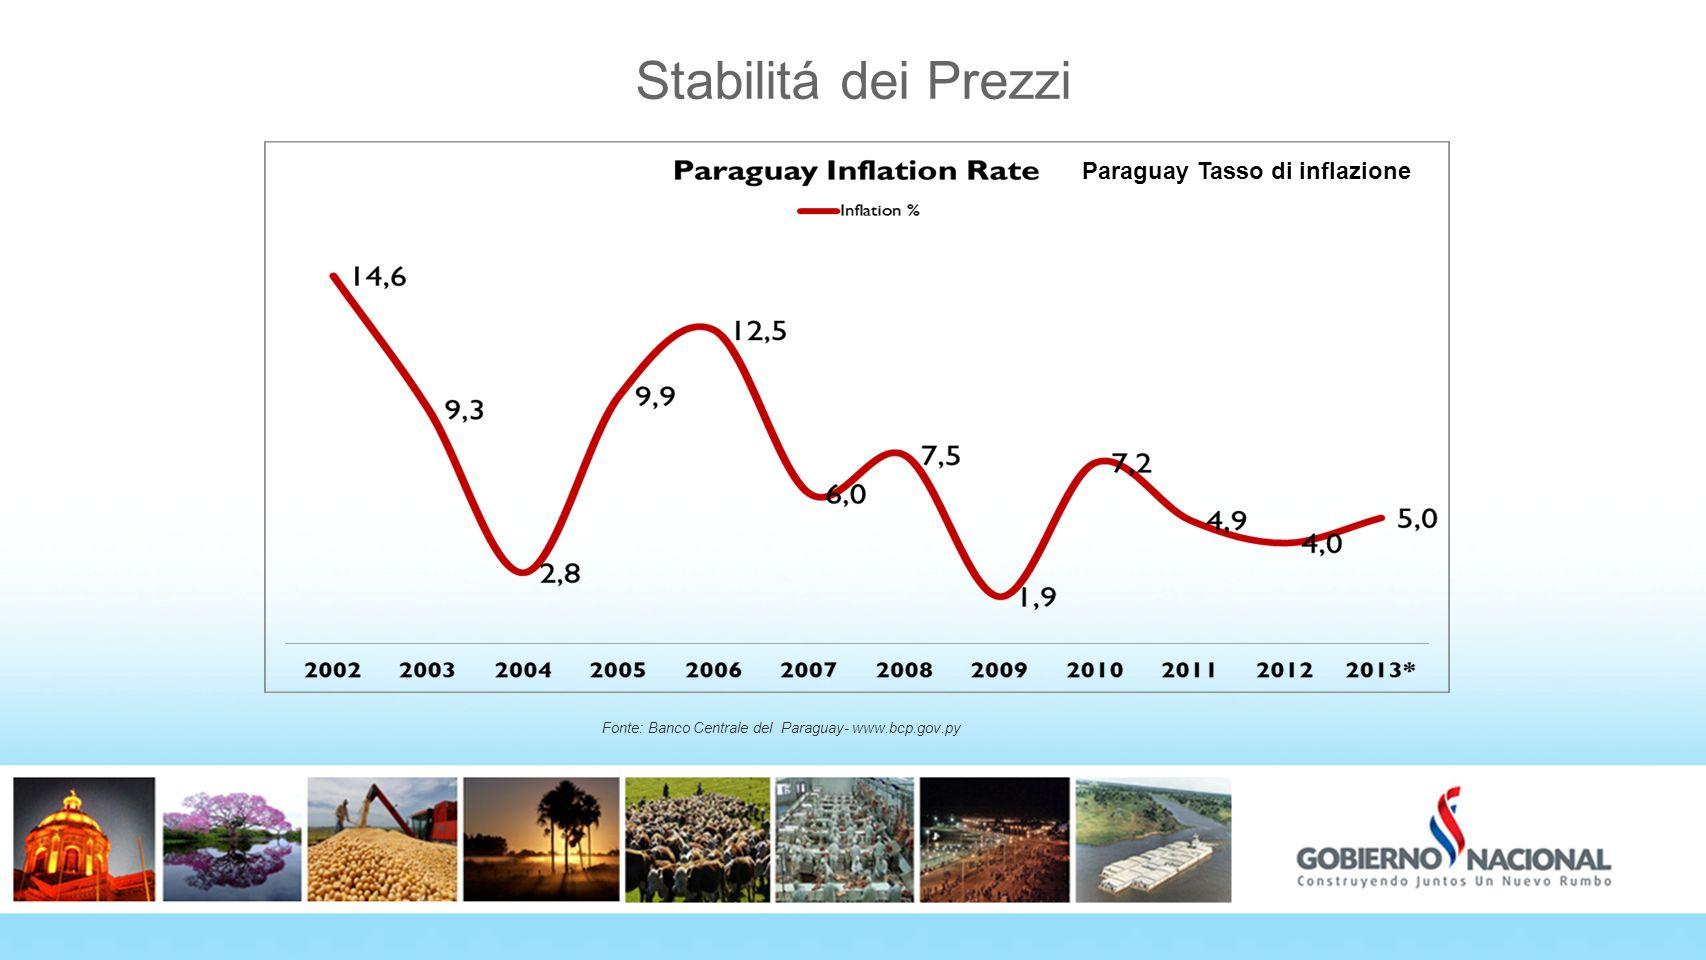 Stabilitá dei Prezzi 7 Paraguay Tasso di inflazione 7 7